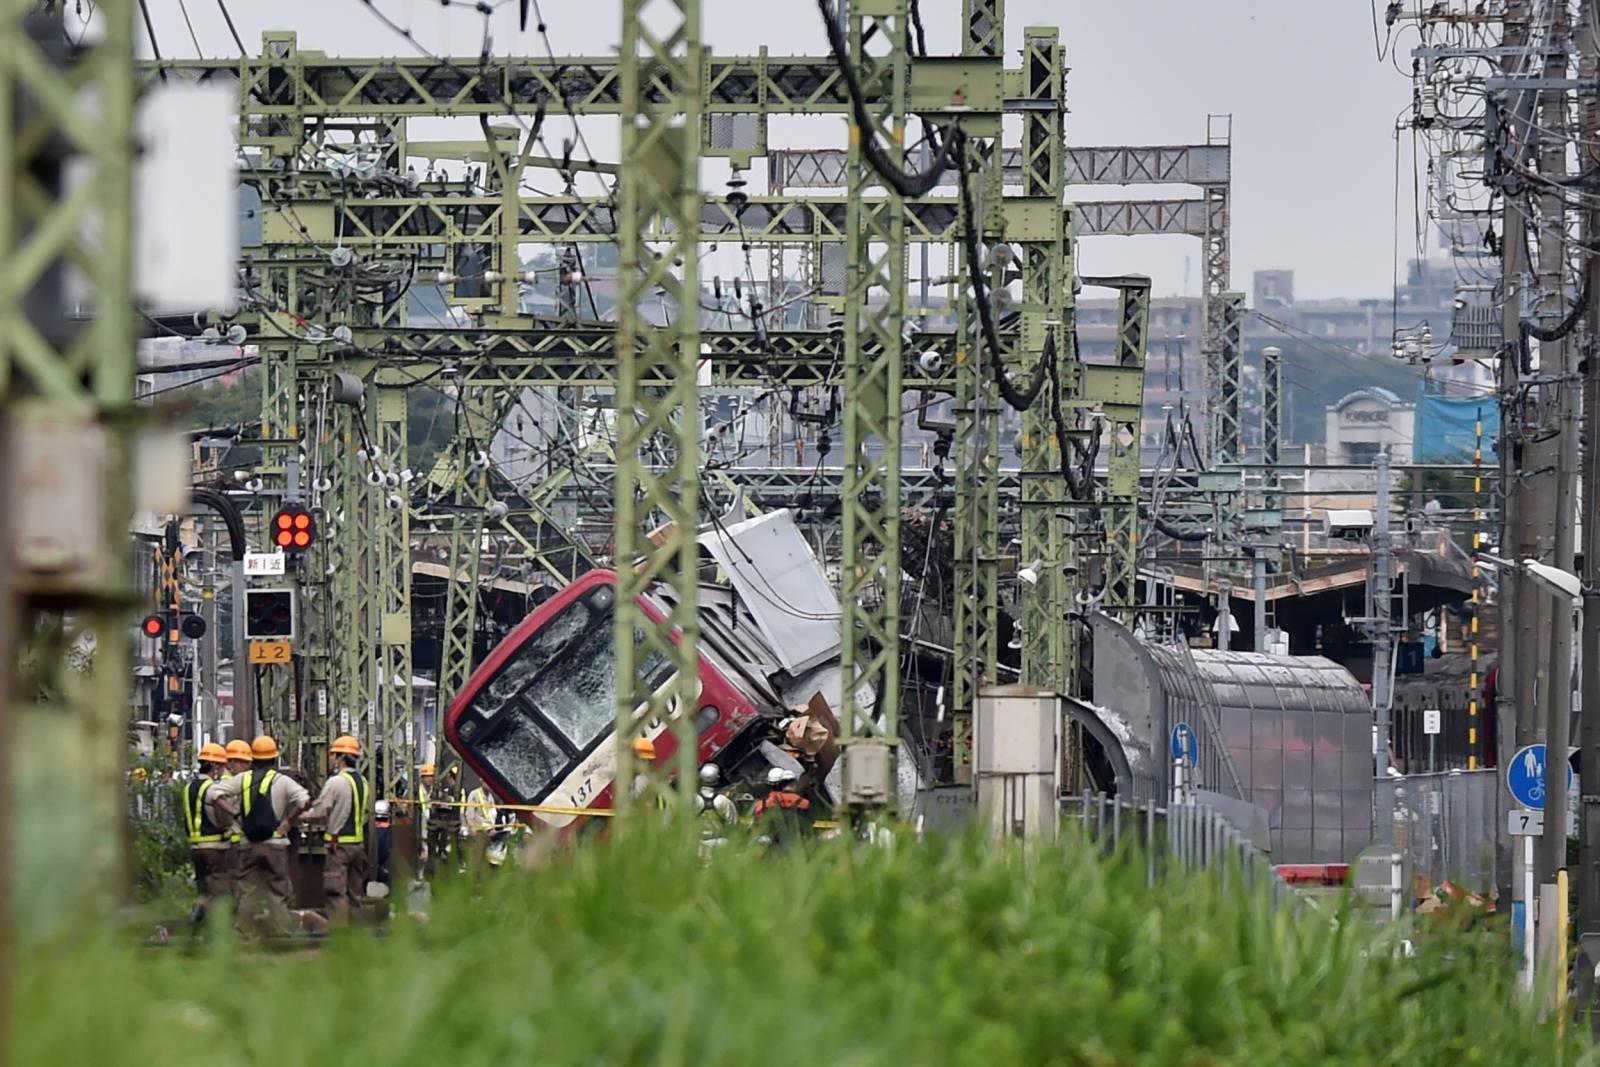 ญี่ปุ่นรถไฟตกราง  เจ็บ 35 สาหัส 1